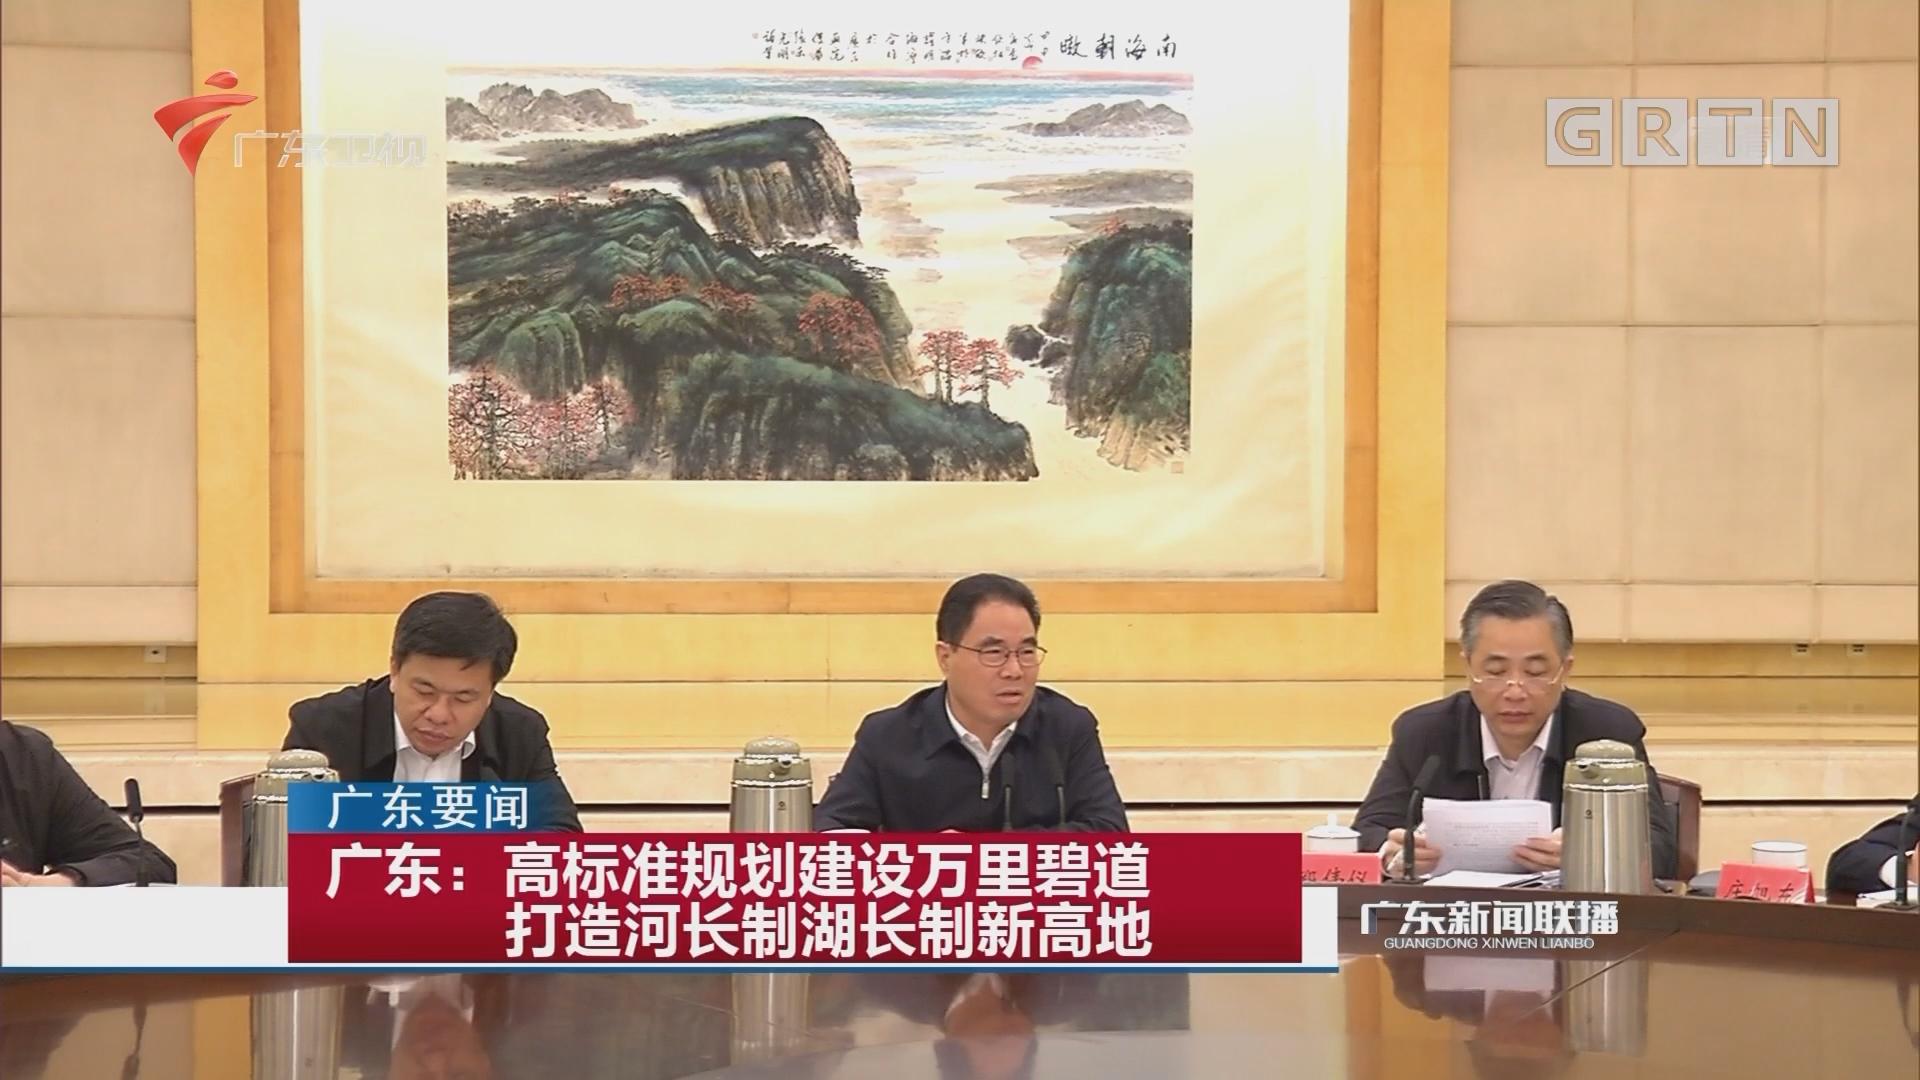 广东:高标准规划建设万里碧道 打造河长制湖长制新高地